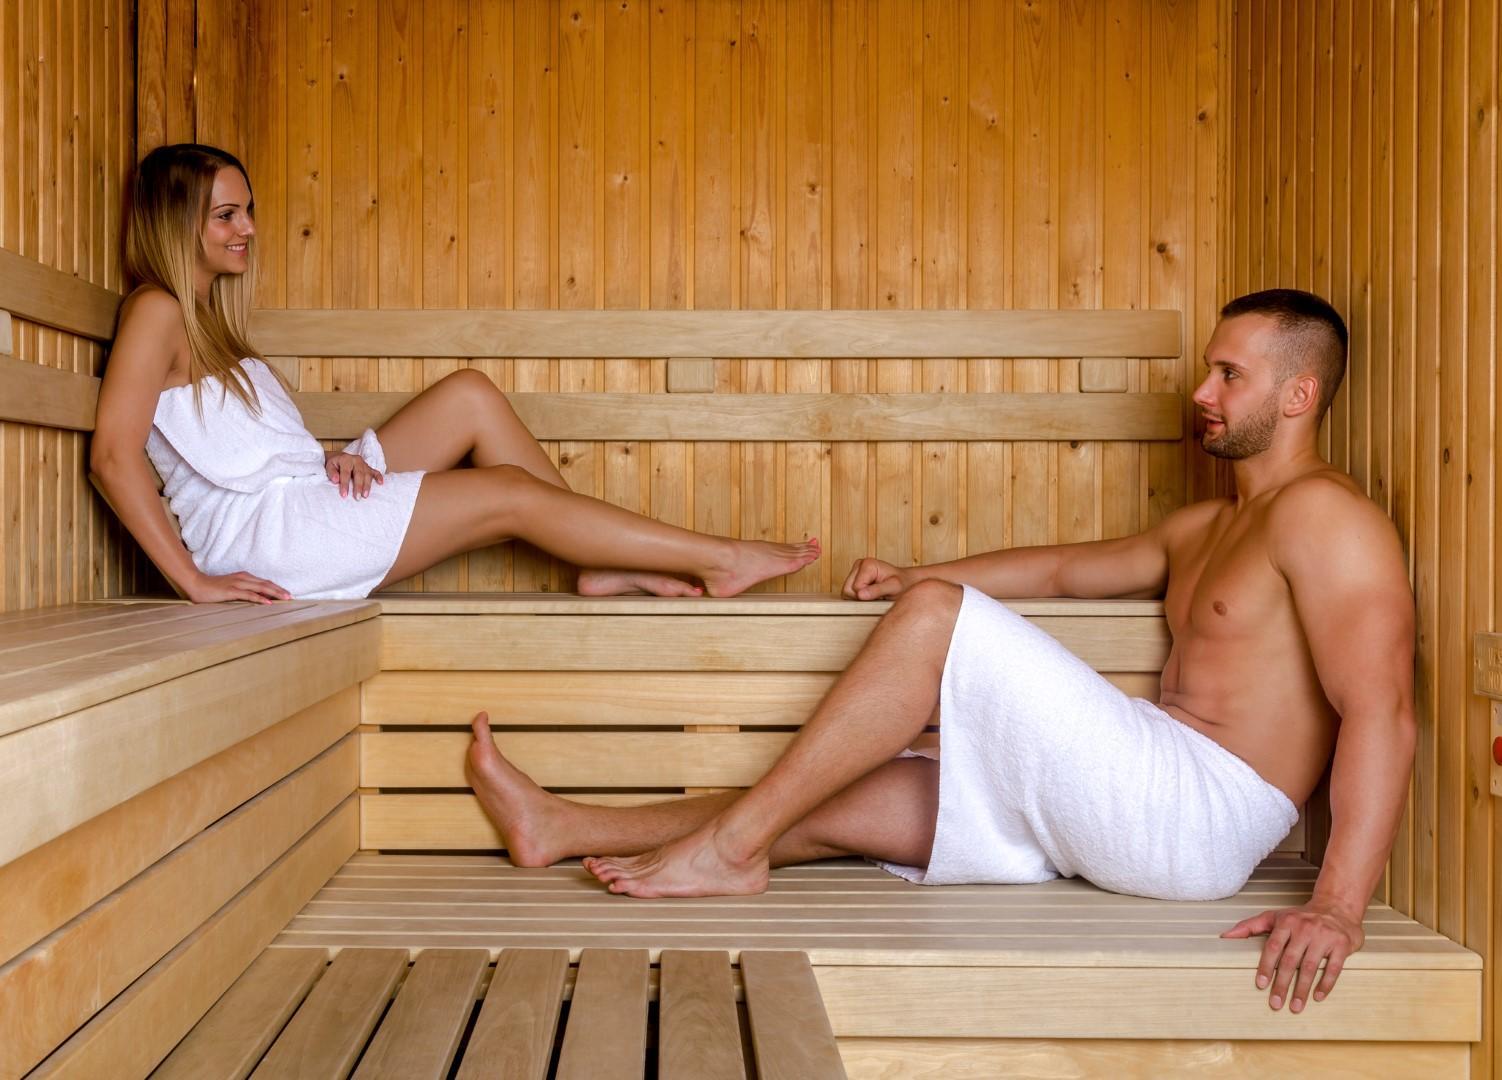 Benefici Della Sauna Finlandese.Sauna Secca O Umida Scopri Tutti I Suoi Benefici Tgcom24